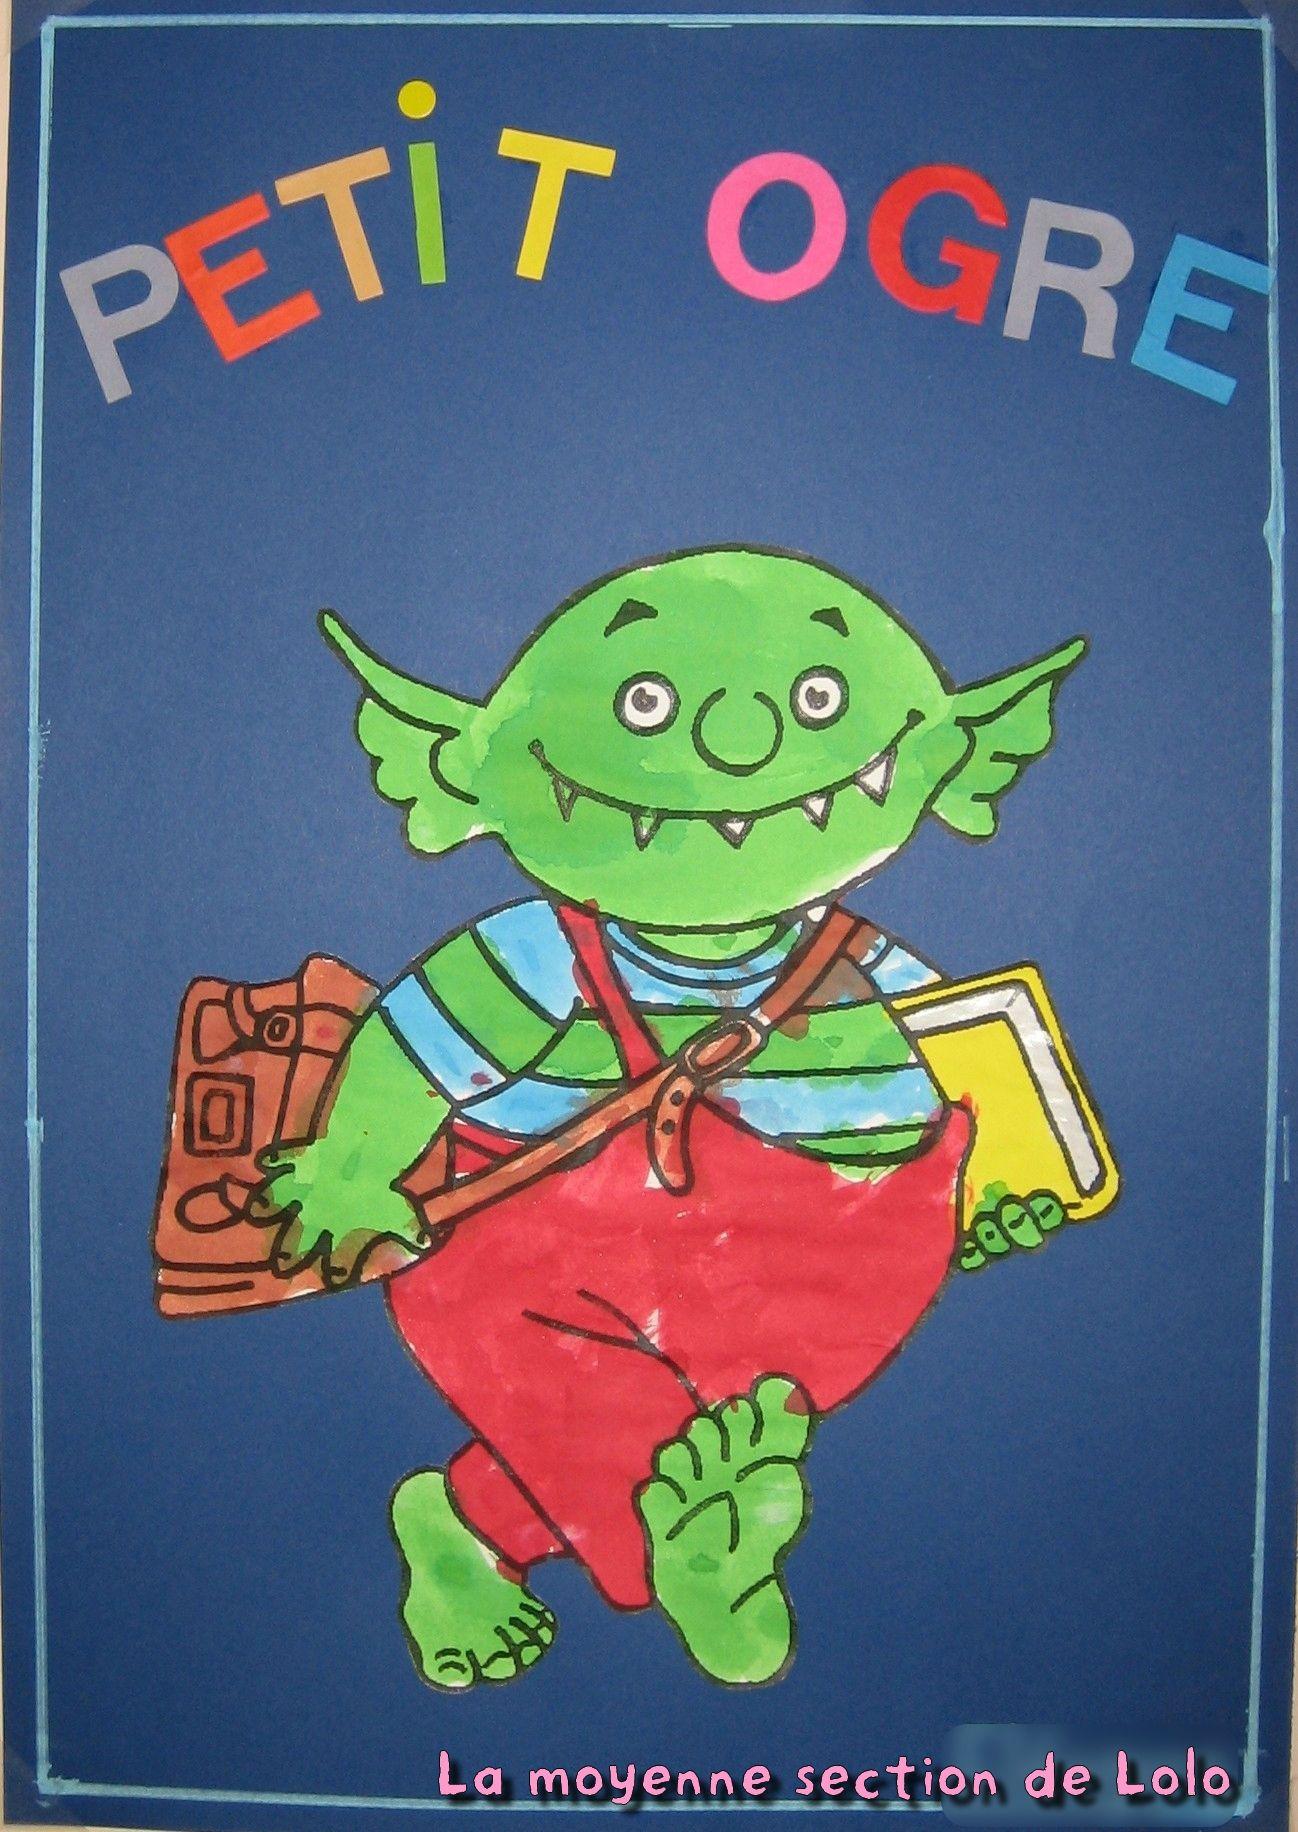 Le Petit Ogre Veut Aller A L'école - La Moyenne Section De avec Le Petit Ogre Qui Voulait Apprendre À Lire